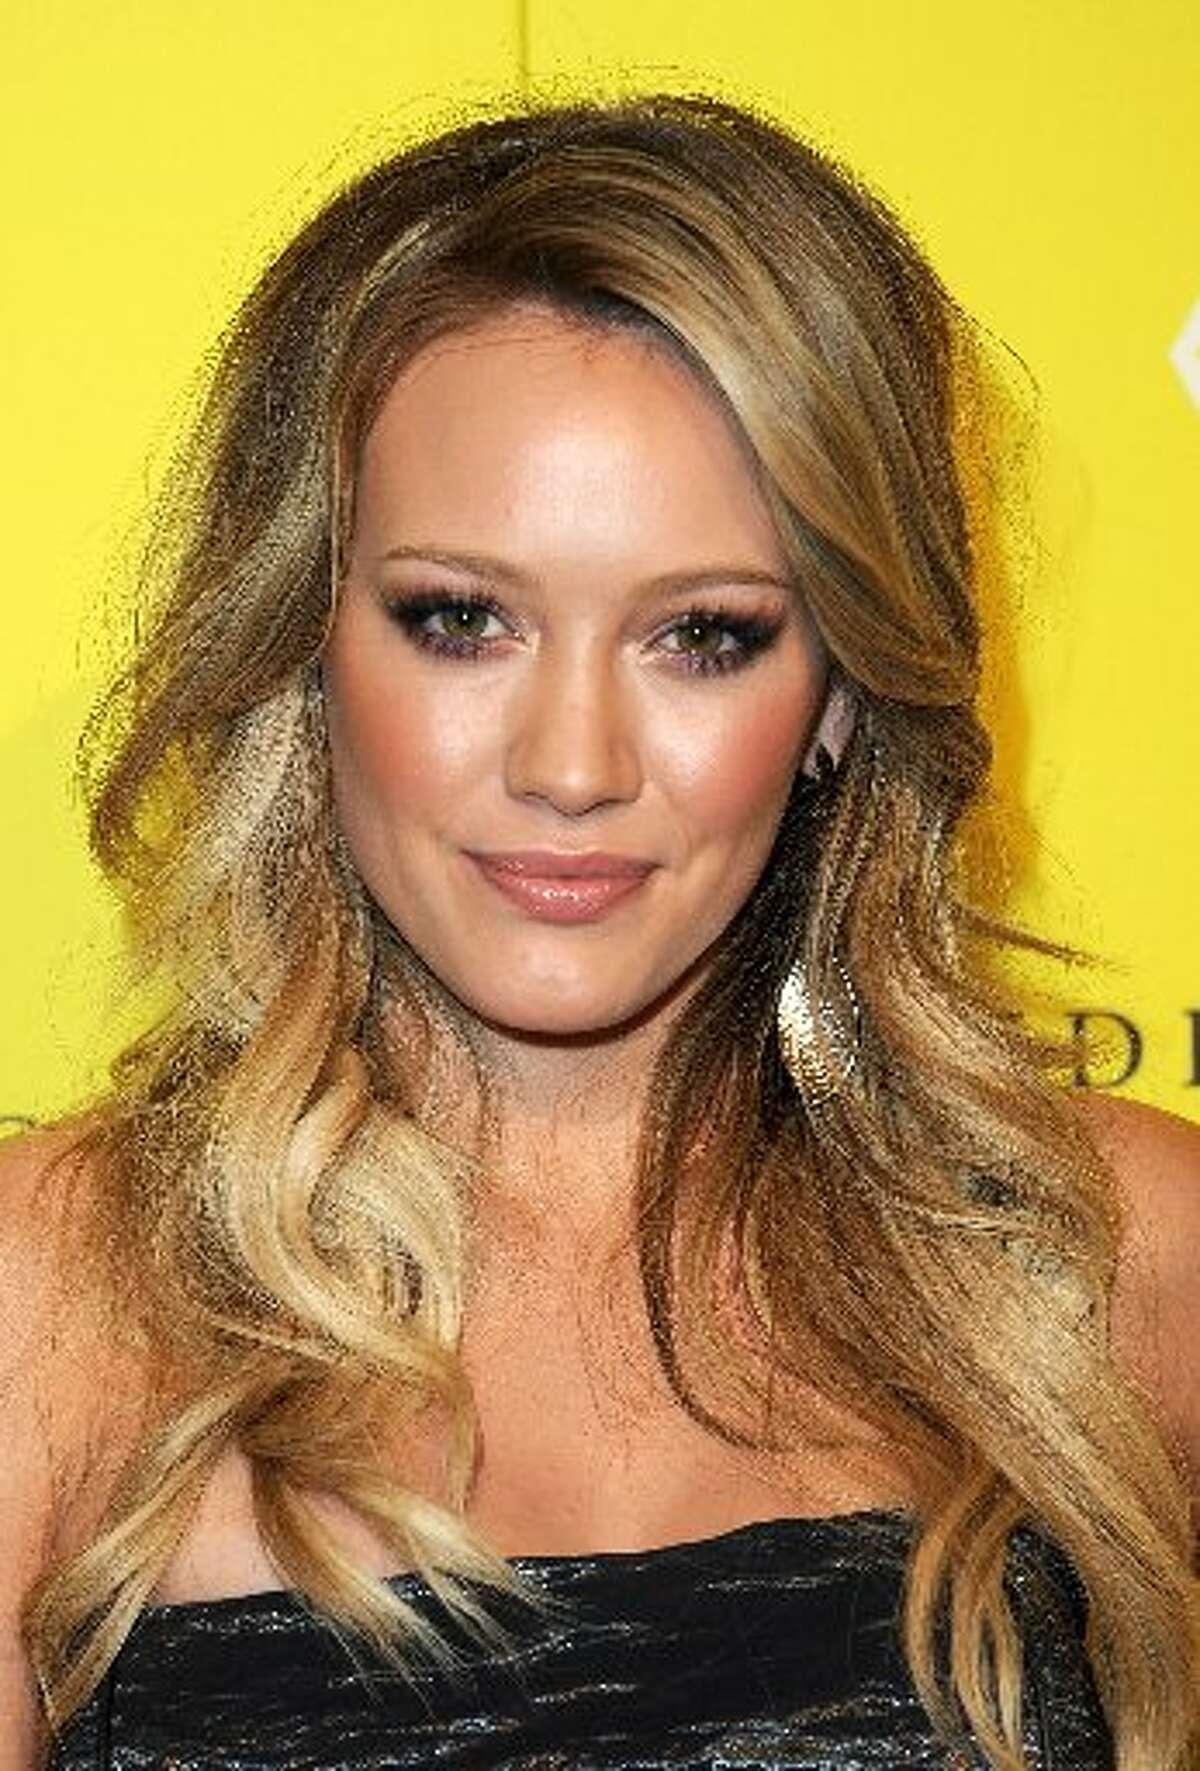 Actress/singer Hilary Duff